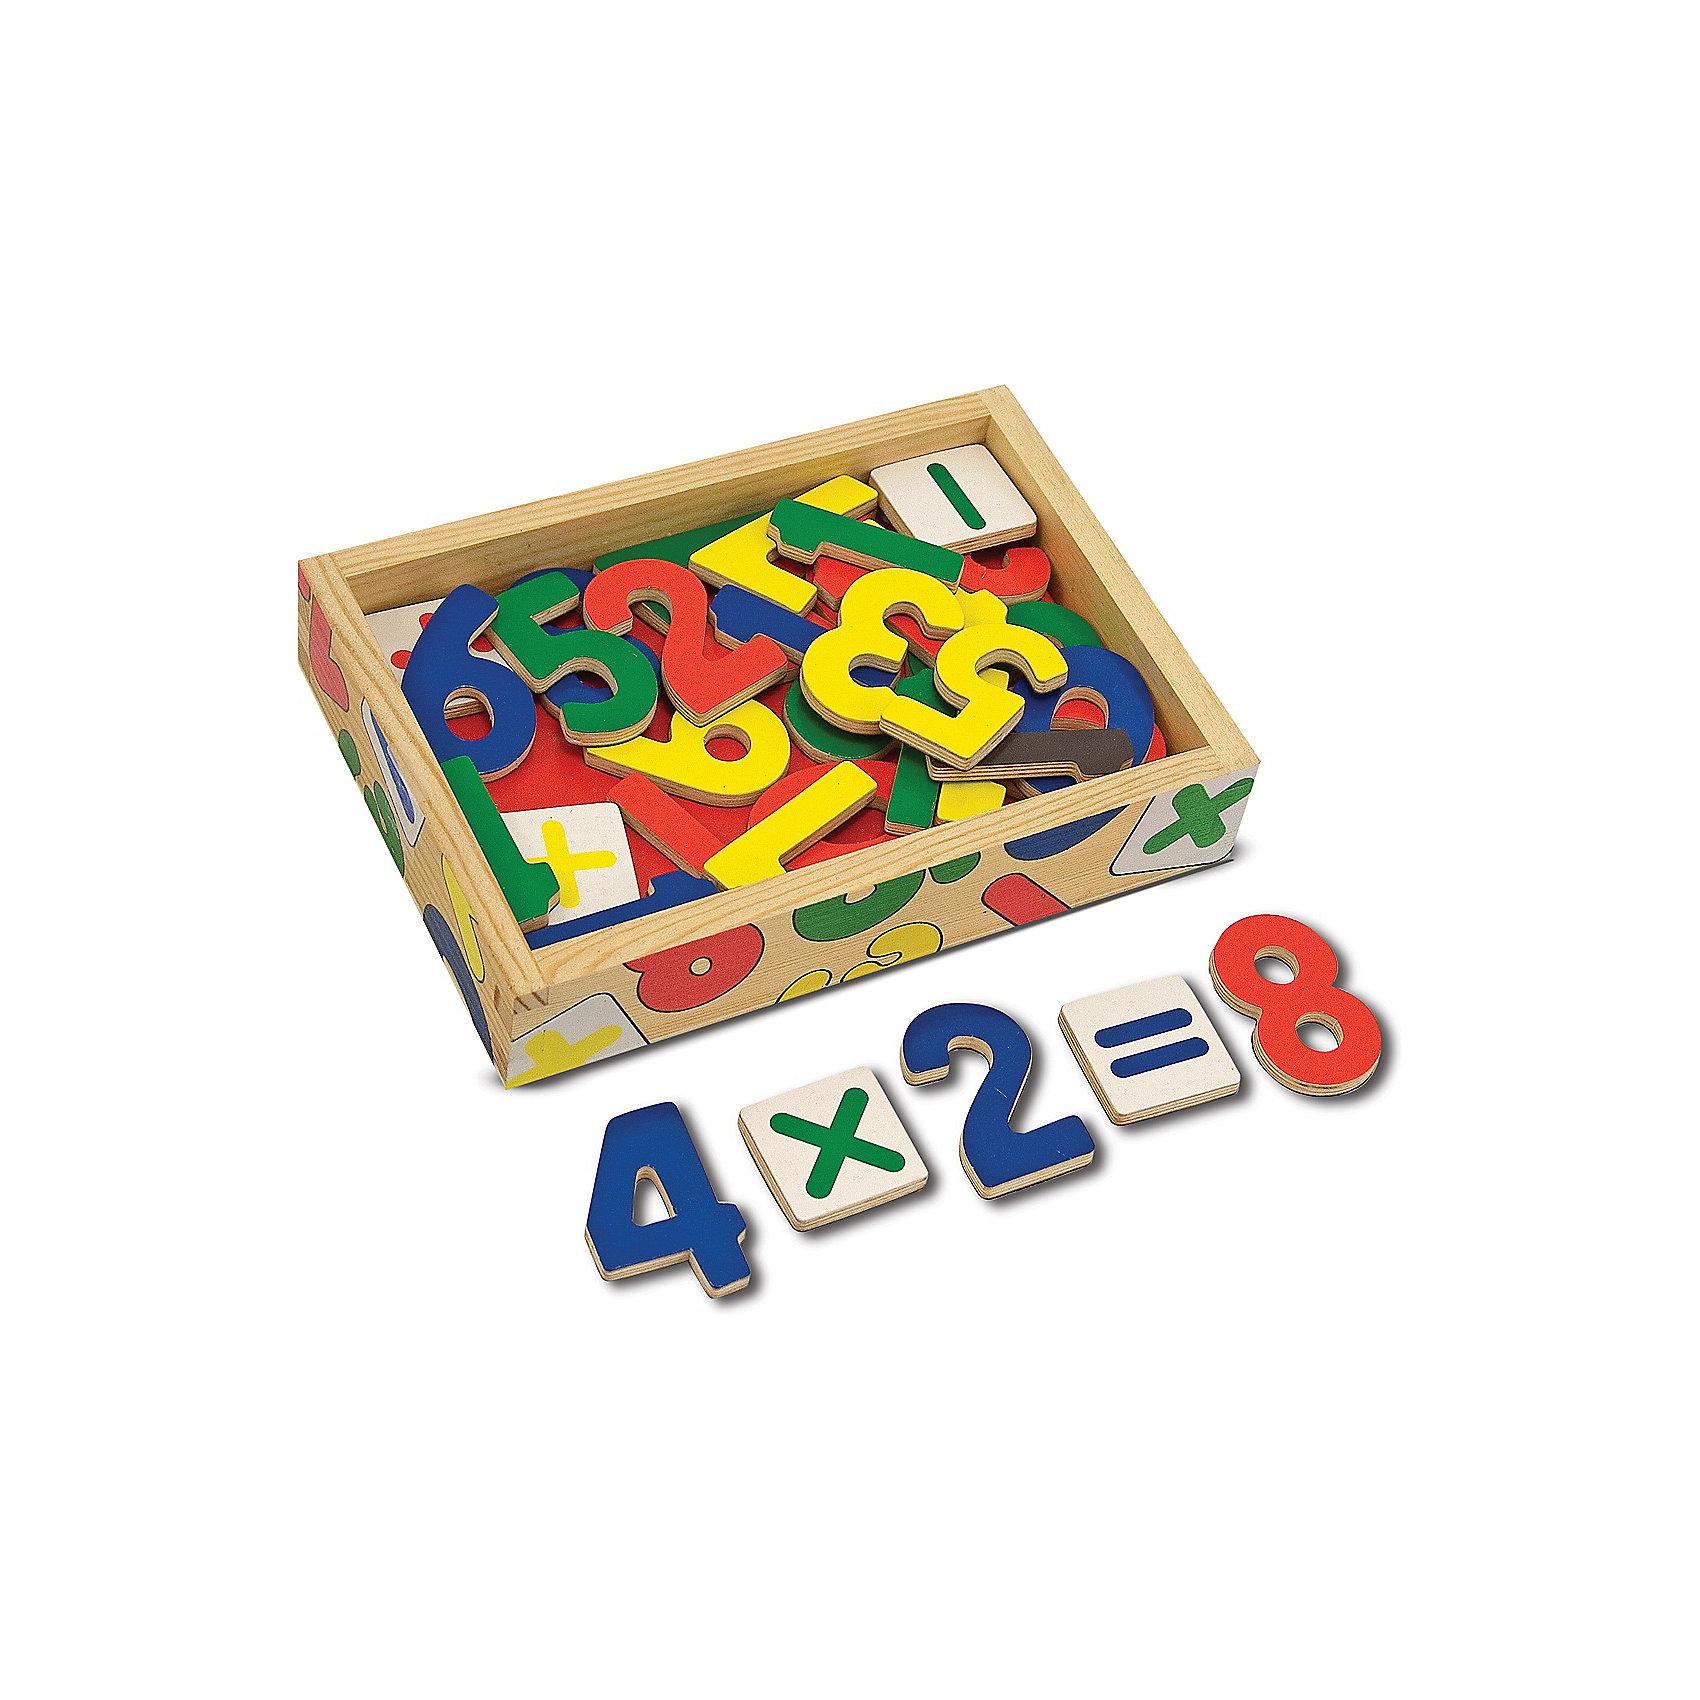 Магнитная игра Цифры (37шт), Melissa &amp; DougМагнитная игра Цифры (37шт), Melissa &amp; Doug  забавное развлечение и тренажер арифметики в одной игрушке. Яркие, крупные деревянные цифры на магнитах уложены в удобную деревянную коробочку. Малышу будет интересно играть с ними, образовывая и решая простенькие задачи. Складывать и умножать теперь можно и на холодильнике и на магнитной доске и даже на полу! Игрушка прекрасно развивает память, зрительные ассоциации, даёт первые навыки устного счёта. Играйте и считайте с удовольствием вместе с  Melissa &amp; Doug!<br><br>Дополнительная информация:<br><br>- Набор состоит из 37 деревянных математических символов и цифр с магнитиками на обратной стороне;<br>- Комплект позволяет одновременно составить все числа от 1 до 20;<br>- Потрясающие подарок для ребенка;<br>- Красочный дизайн;<br>- Цифры крупные;<br>- Материал: натуральное дерево, безопасные краски;<br>- Размер игрушки: 20 х 14 х 4 см;<br>- Размер упаковки: 20 х 14 х 5 см;<br>- Вес: 997 г<br><br>Магнитную игру Цифры (37шт), Melissa &amp; Doug    можно купить в нашем интернет-магазине.<br><br>Ширина мм: 200<br>Глубина мм: 50<br>Высота мм: 140<br>Вес г: 390<br>Возраст от месяцев: 24<br>Возраст до месяцев: 60<br>Пол: Унисекс<br>Возраст: Детский<br>SKU: 3861959